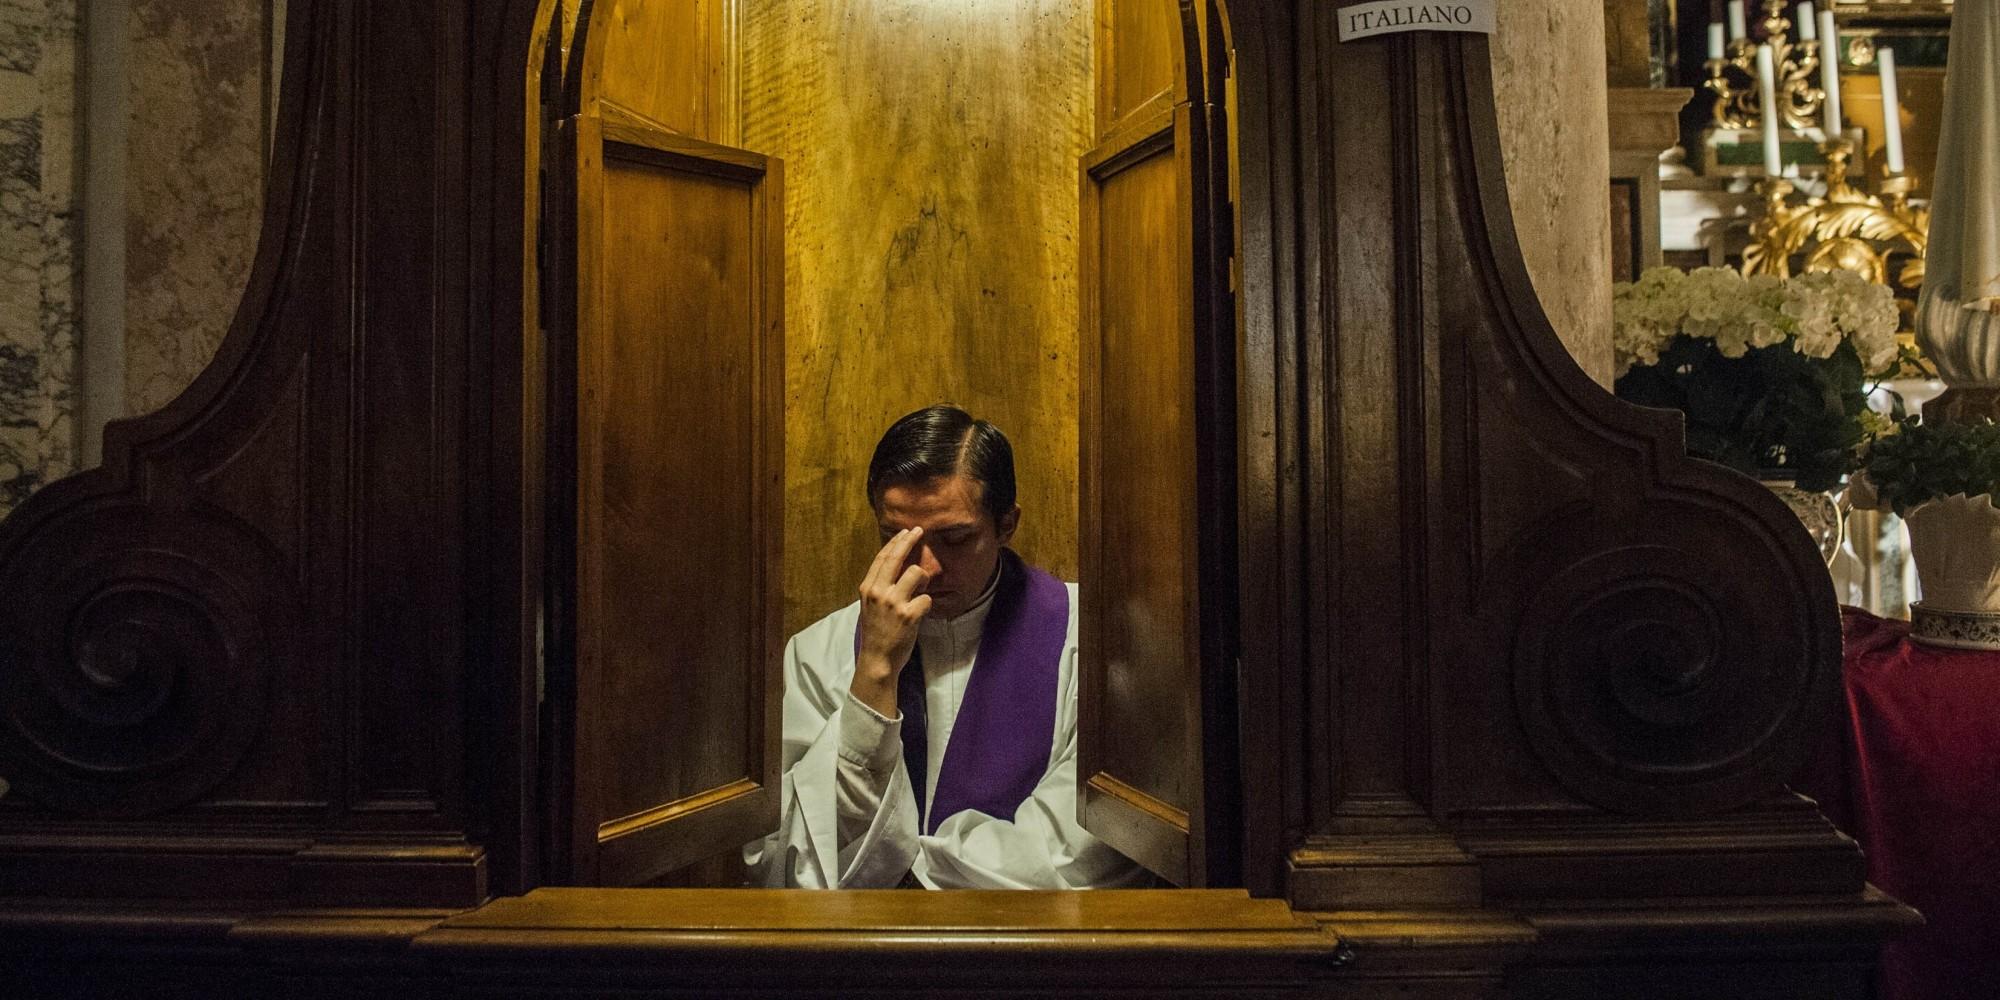 Perchè confessarsi? Ecco i benefici della confessione